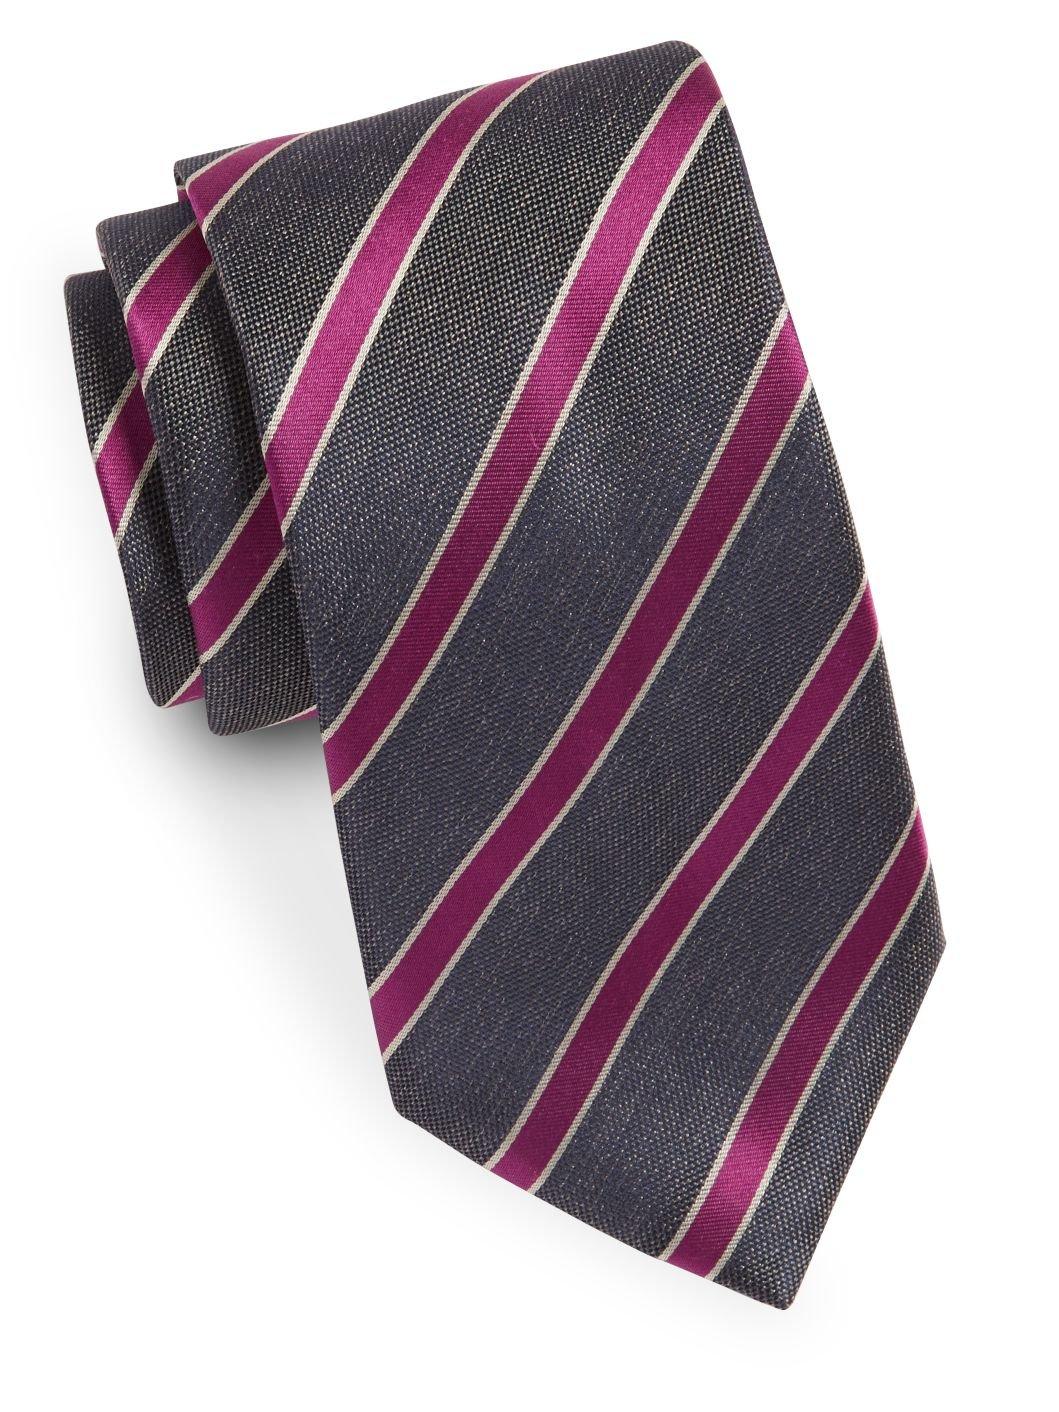 Yves Saint Laurent Men's Textured Stripe Silk Tie, OS, Grey